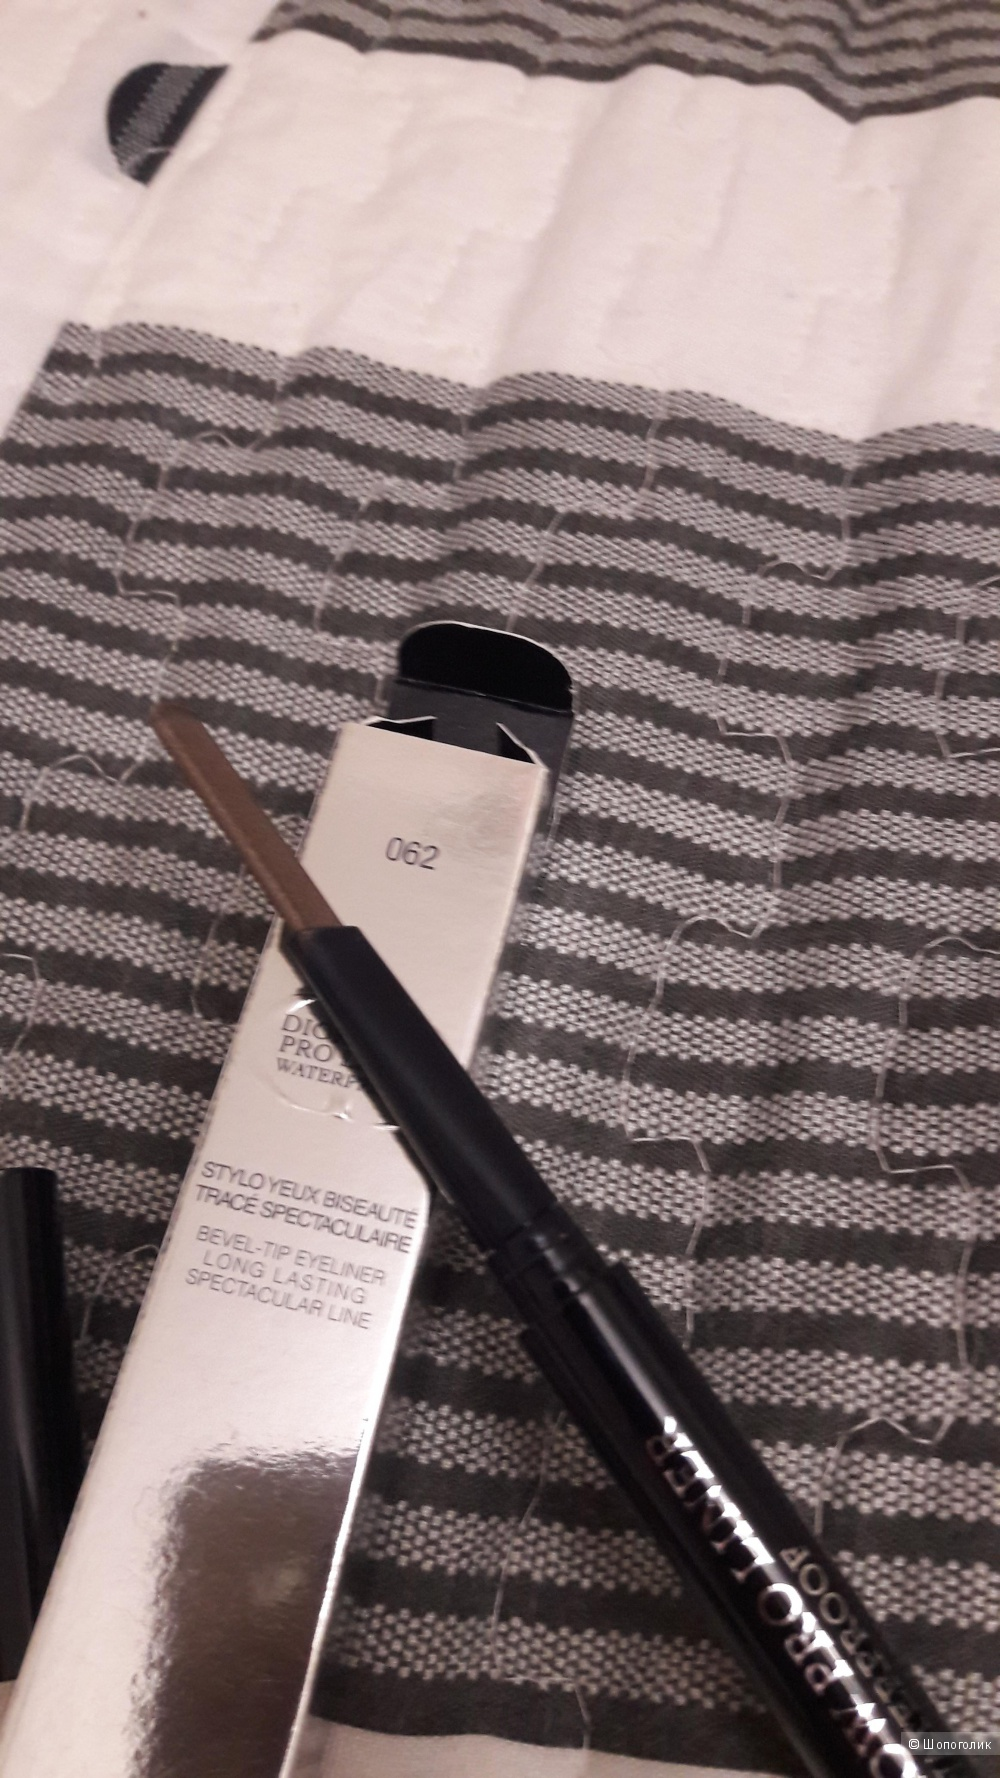 Diorshow pro liner waterproof